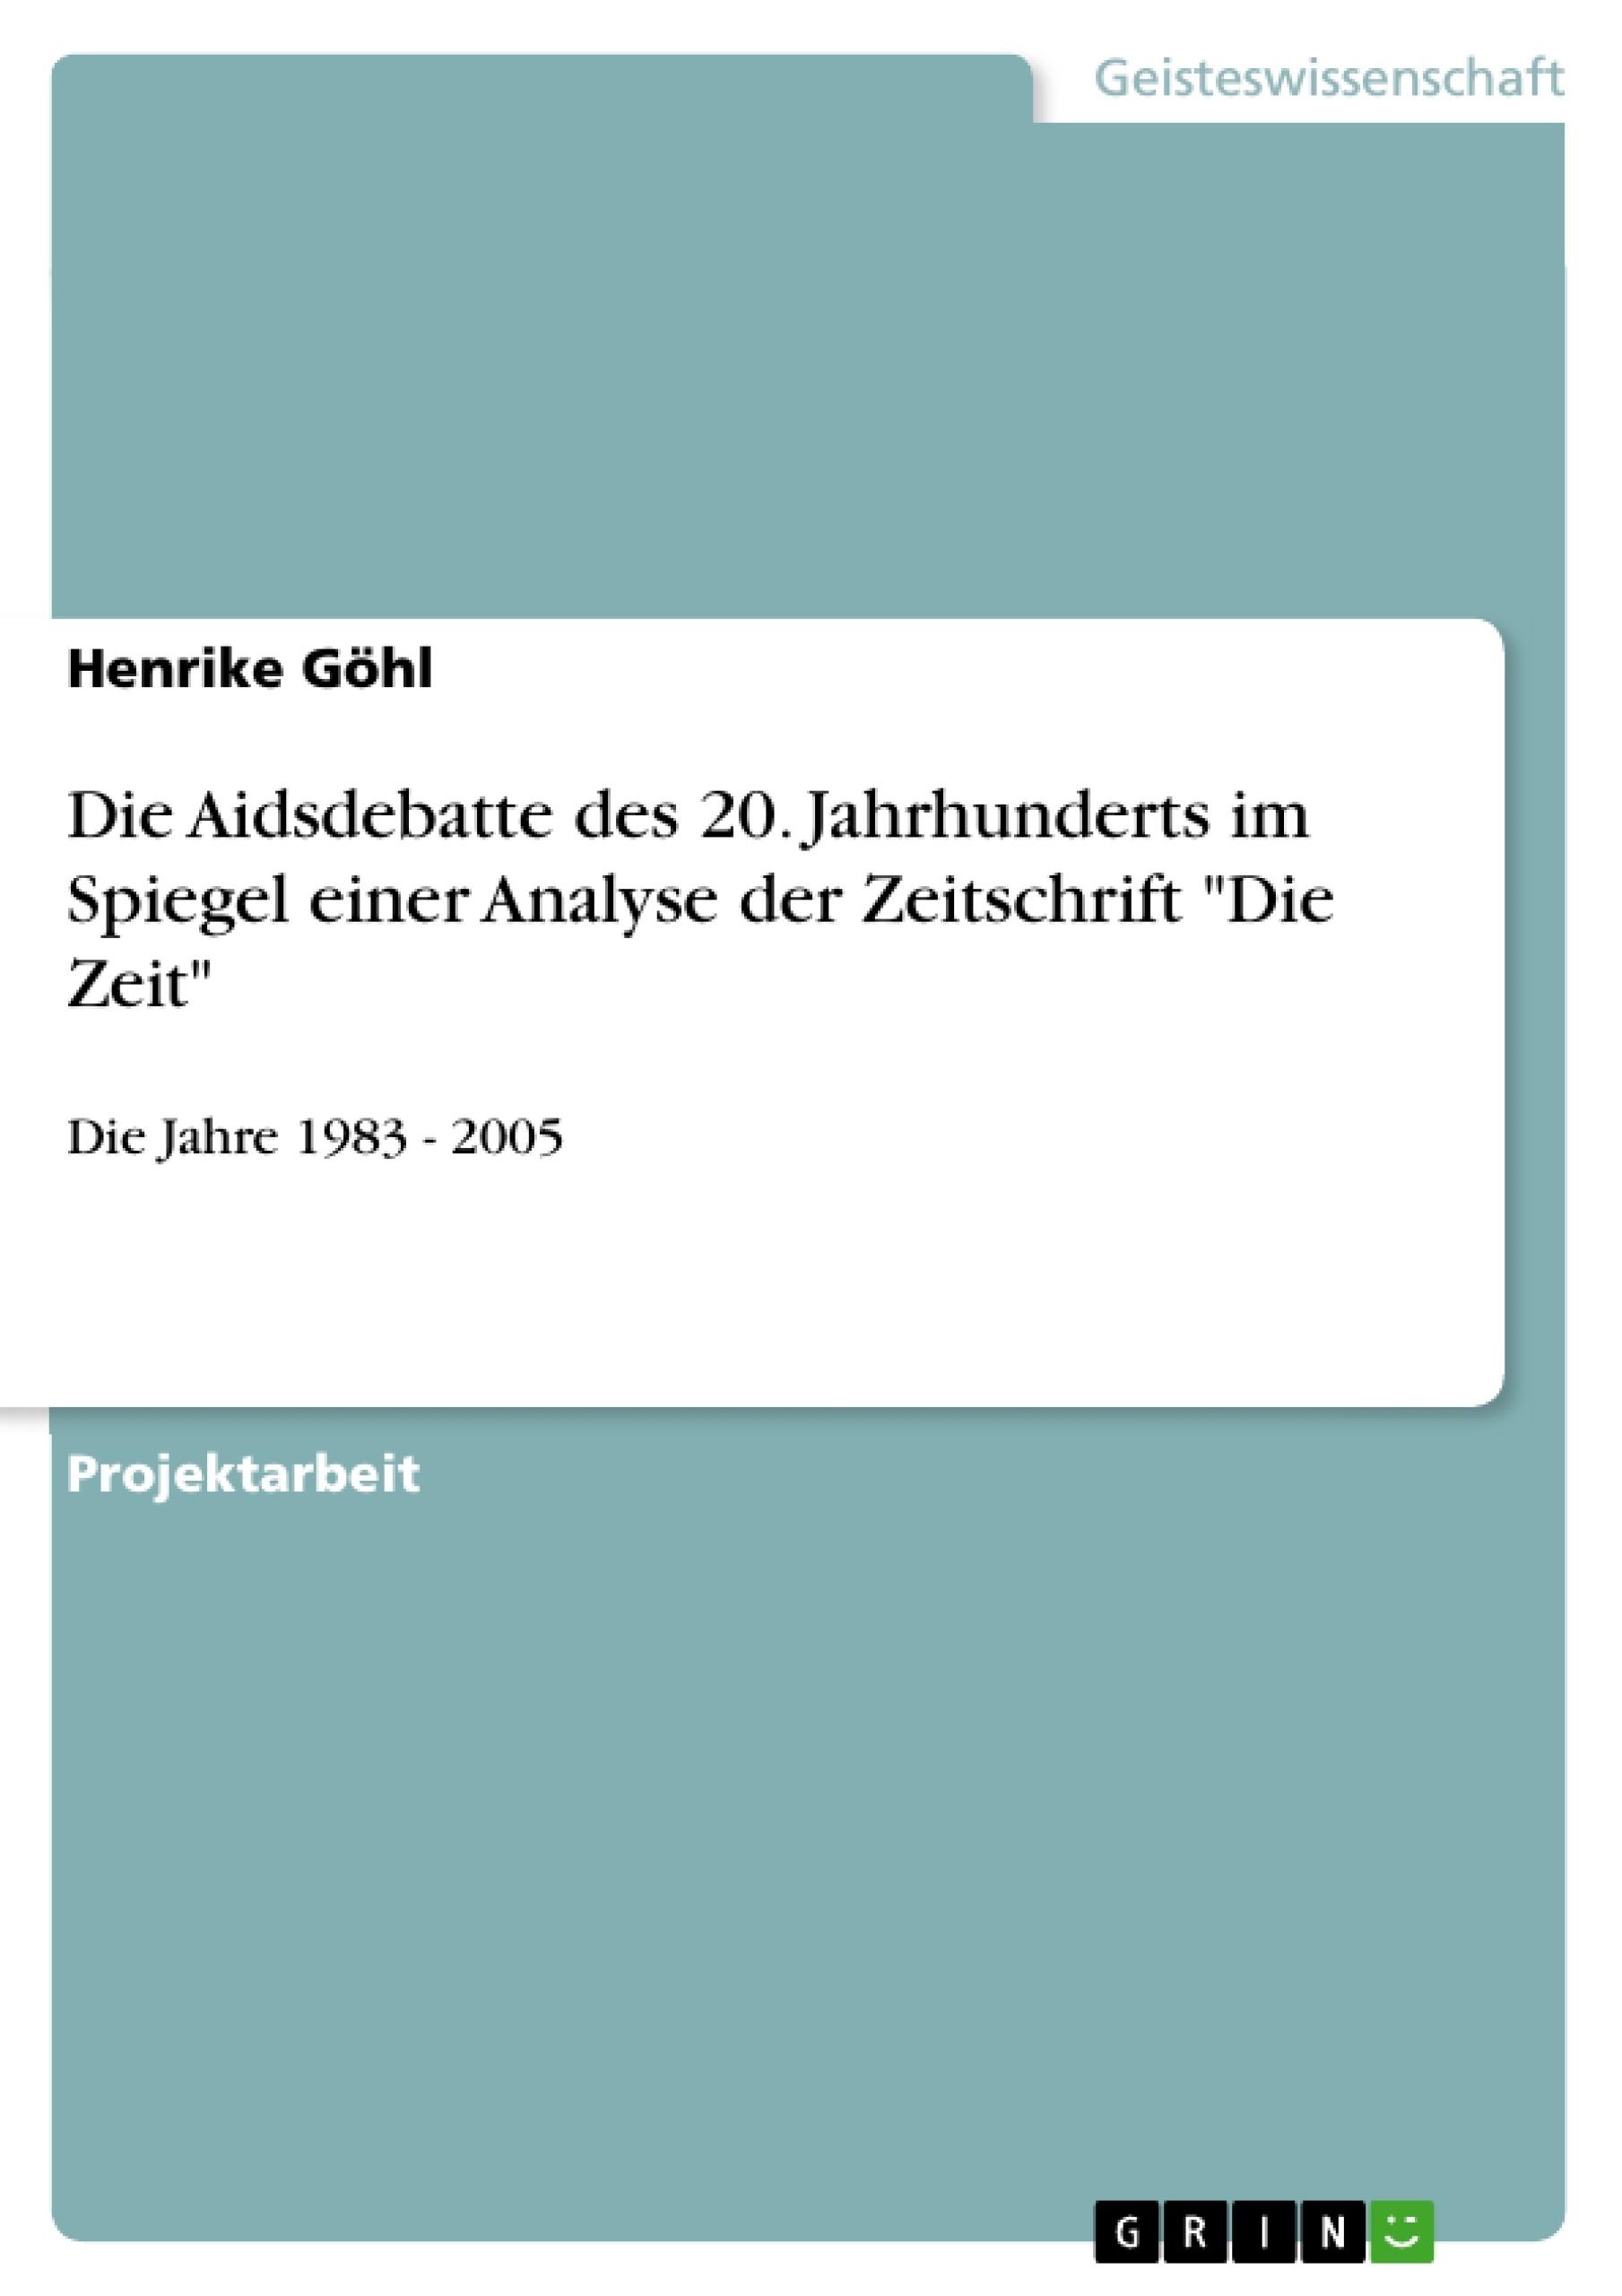 """Titel: Die Aidsdebatte des 20. Jahrhunderts im Spiegel einer Analyse der Zeitschrift """"Die Zeit"""""""